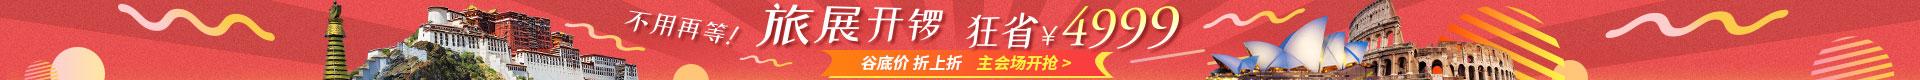 春季旅展 劲省¥4999